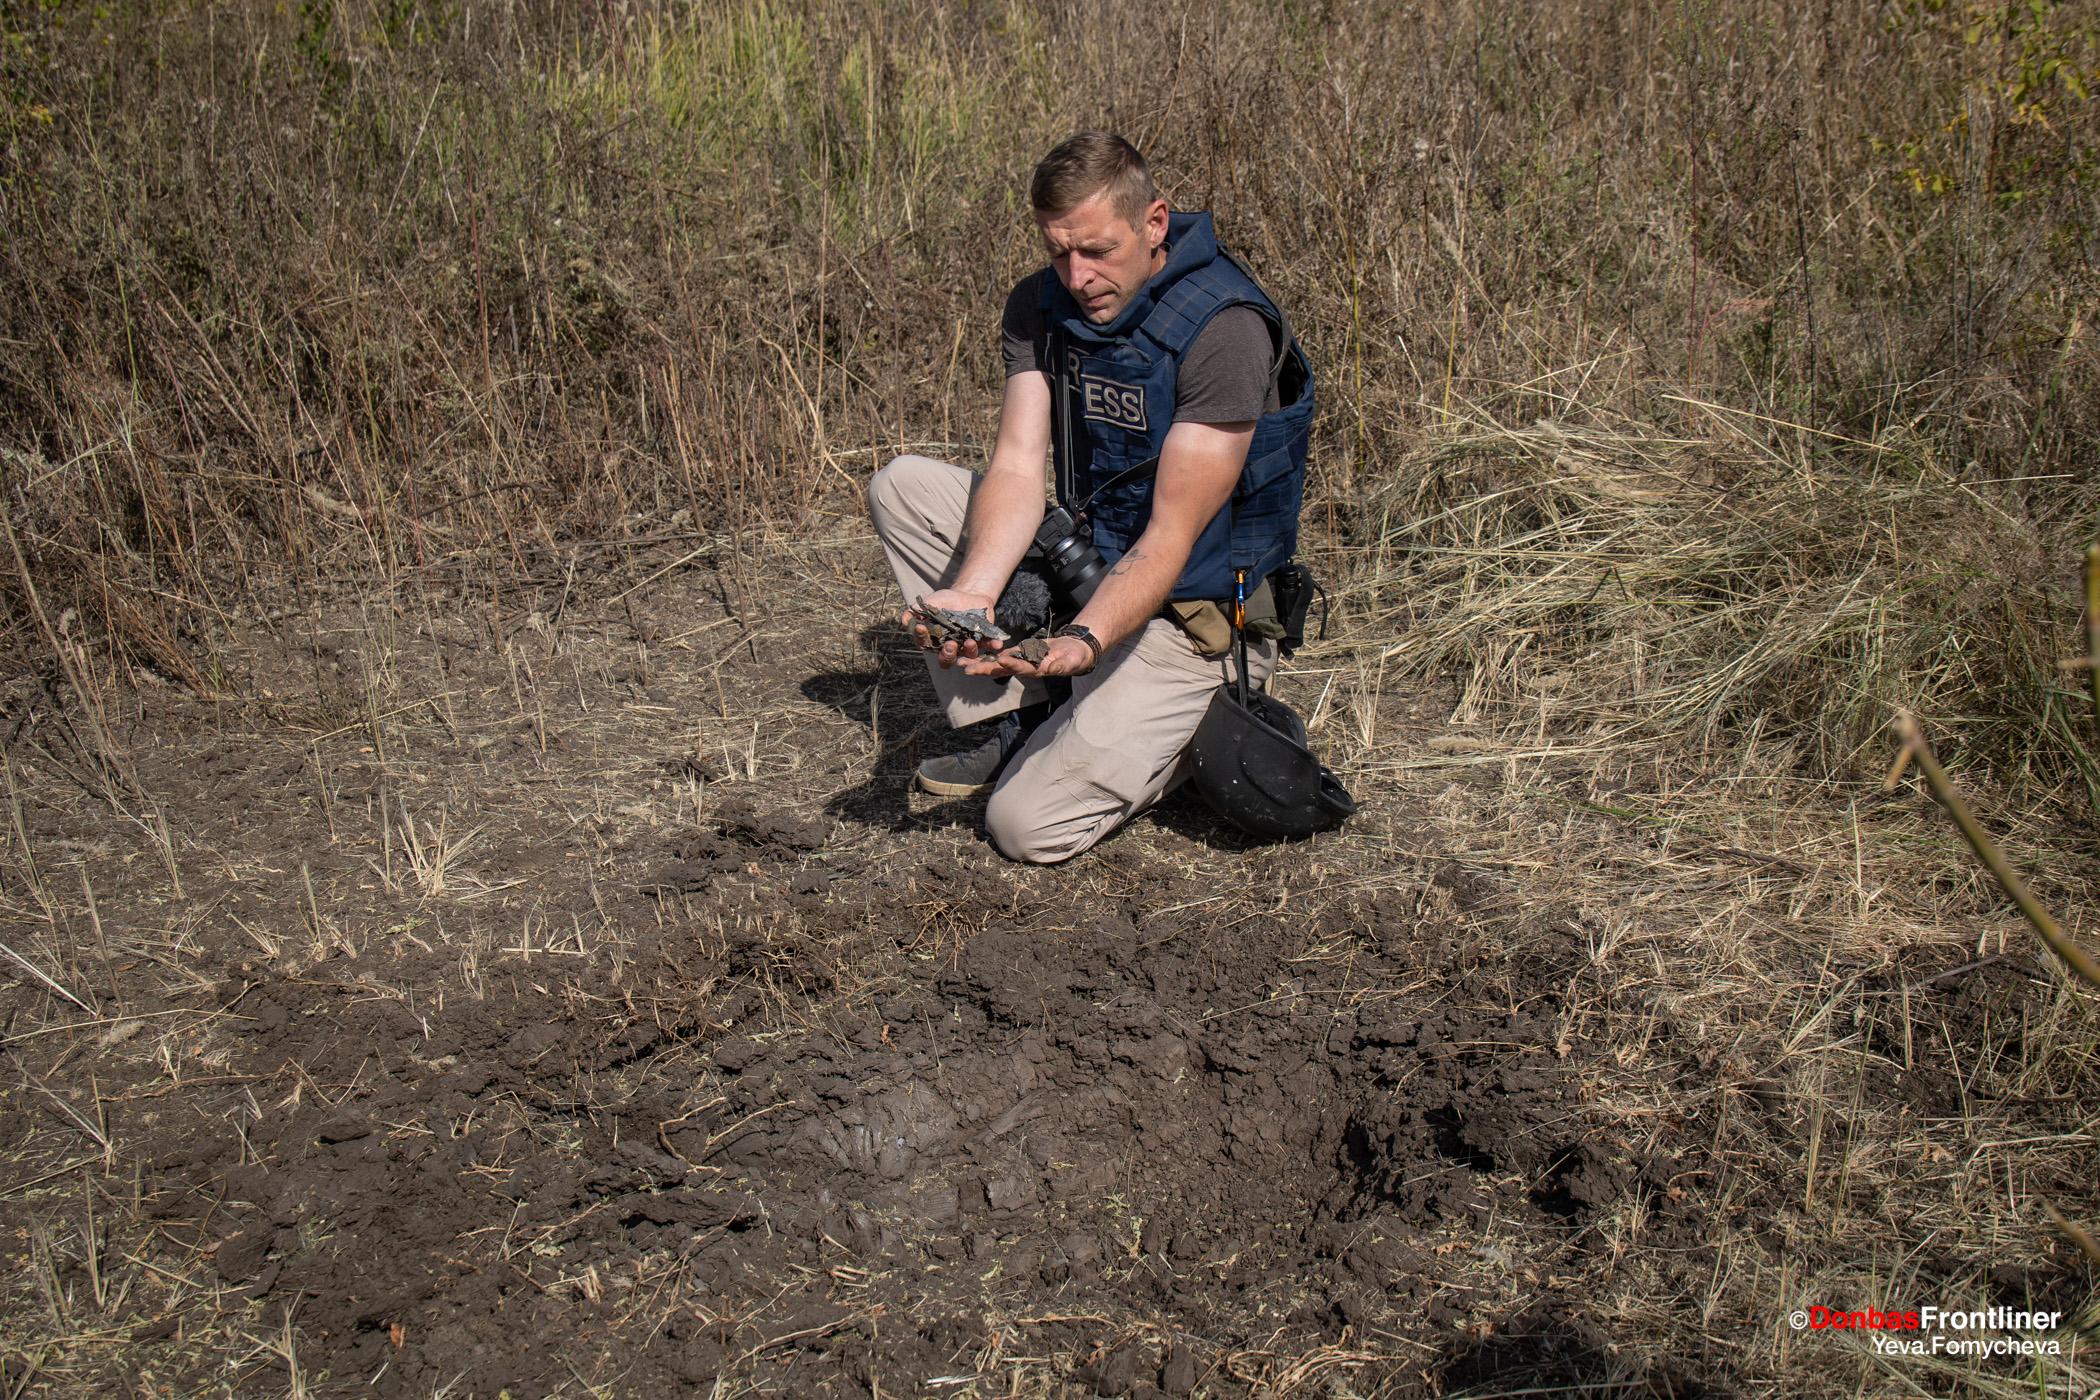 Андрій Дубчак та воронка від 122-мм снаряду